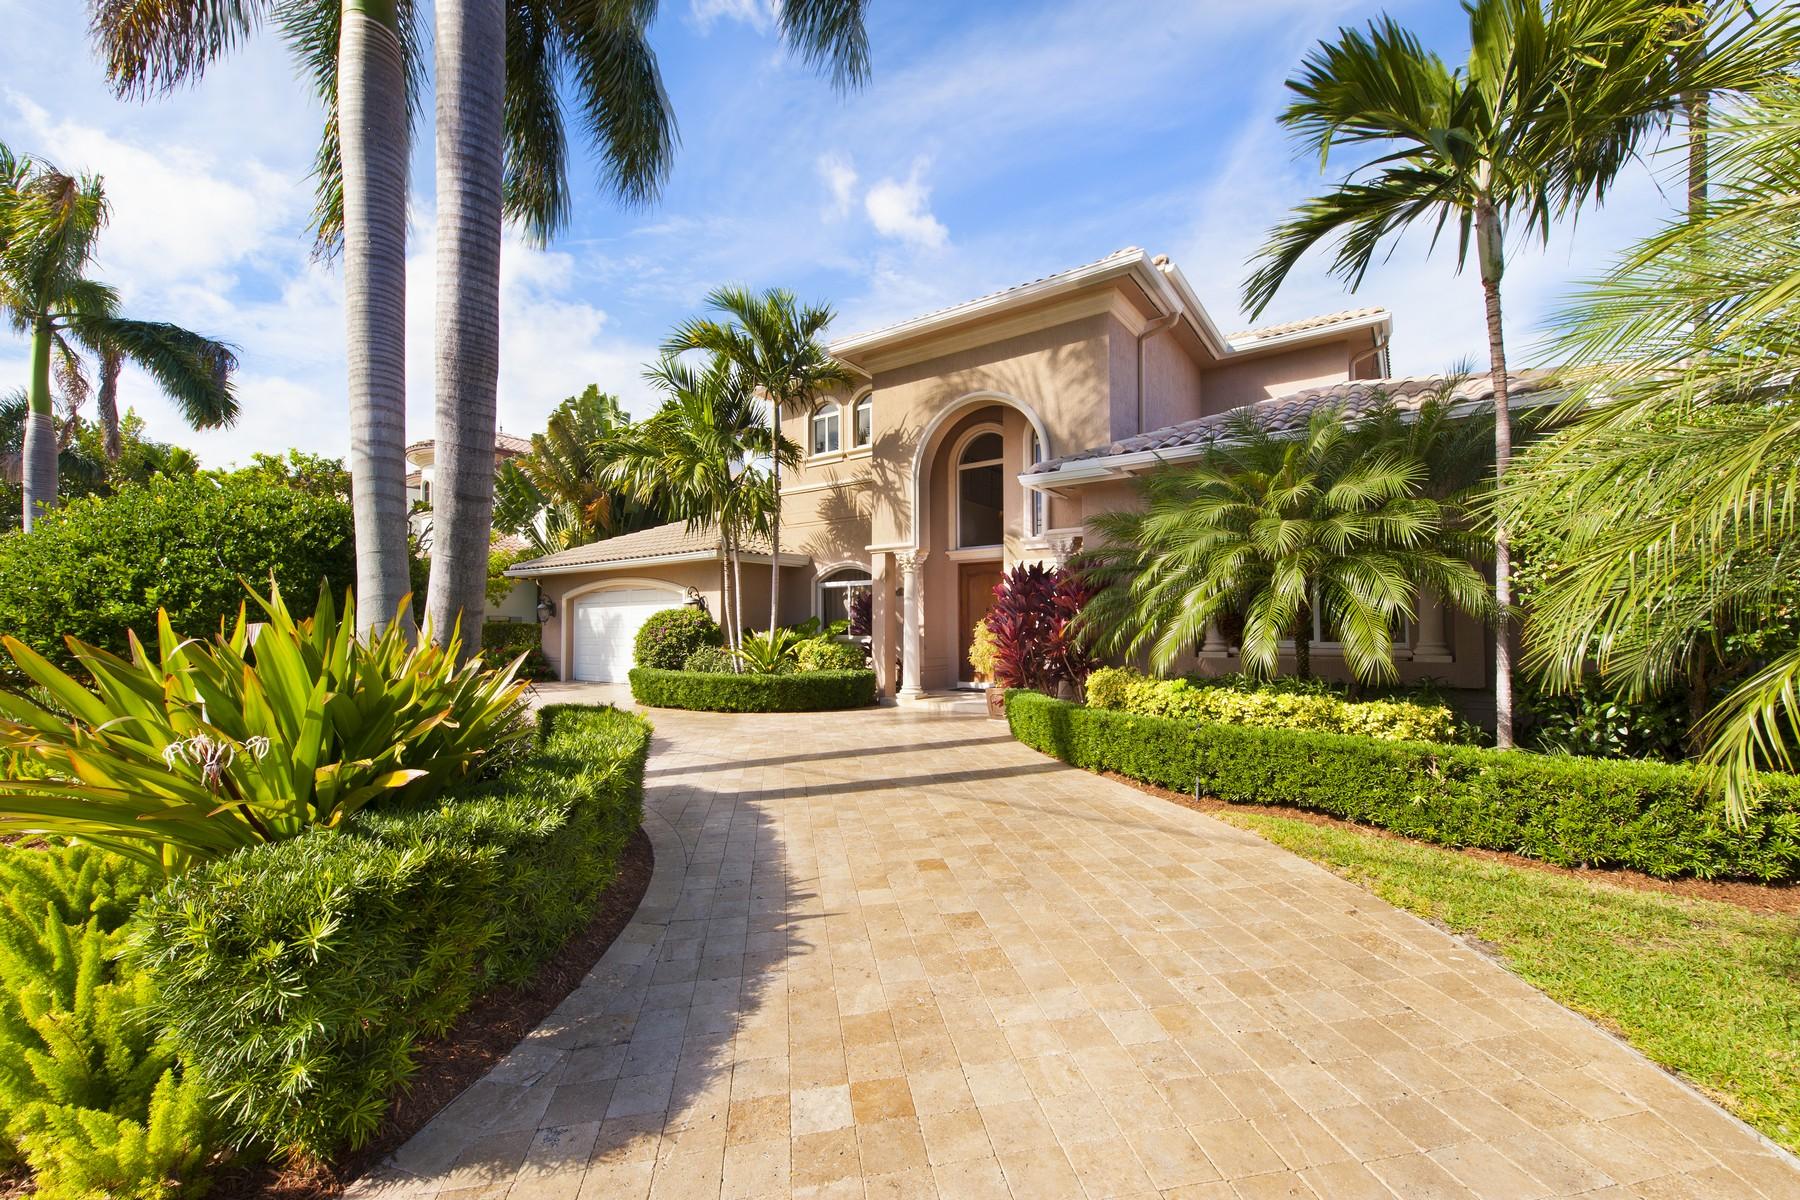 Casa Unifamiliar por un Venta en 3061 NE 45 ST Fort Lauderdale, Florida, 33308 Estados Unidos